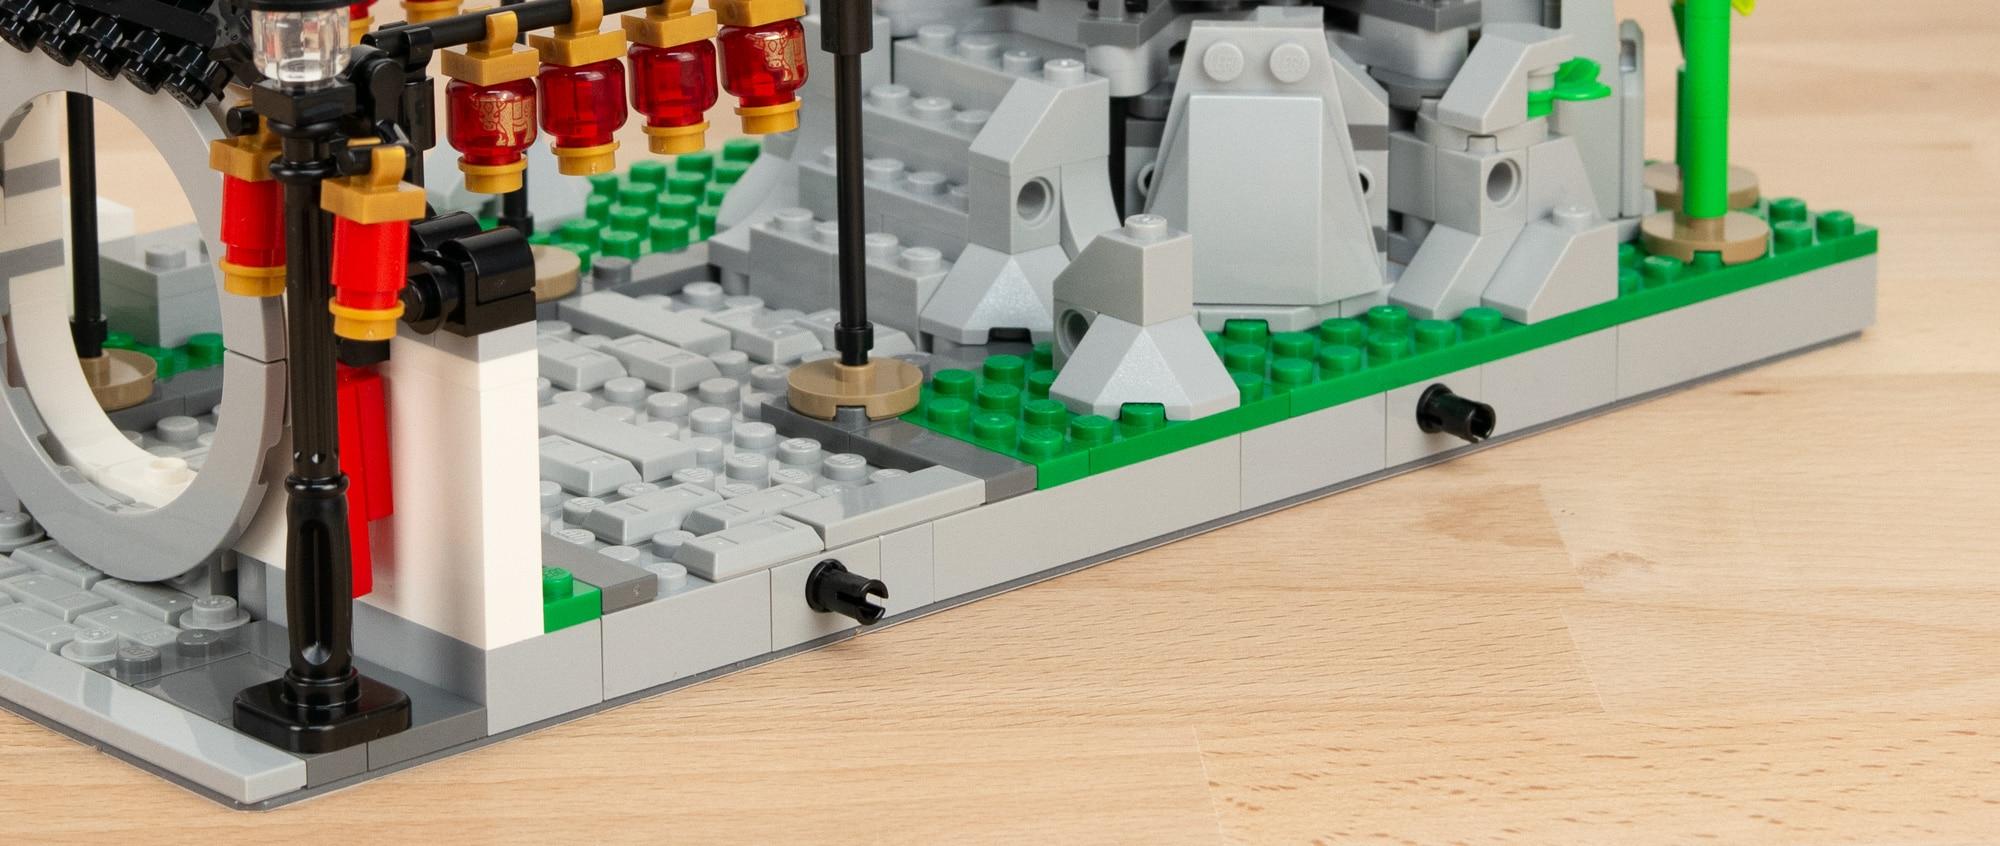 LEGO 80107 Fruehlingslaternenfest Chinesisches Neujahr 86